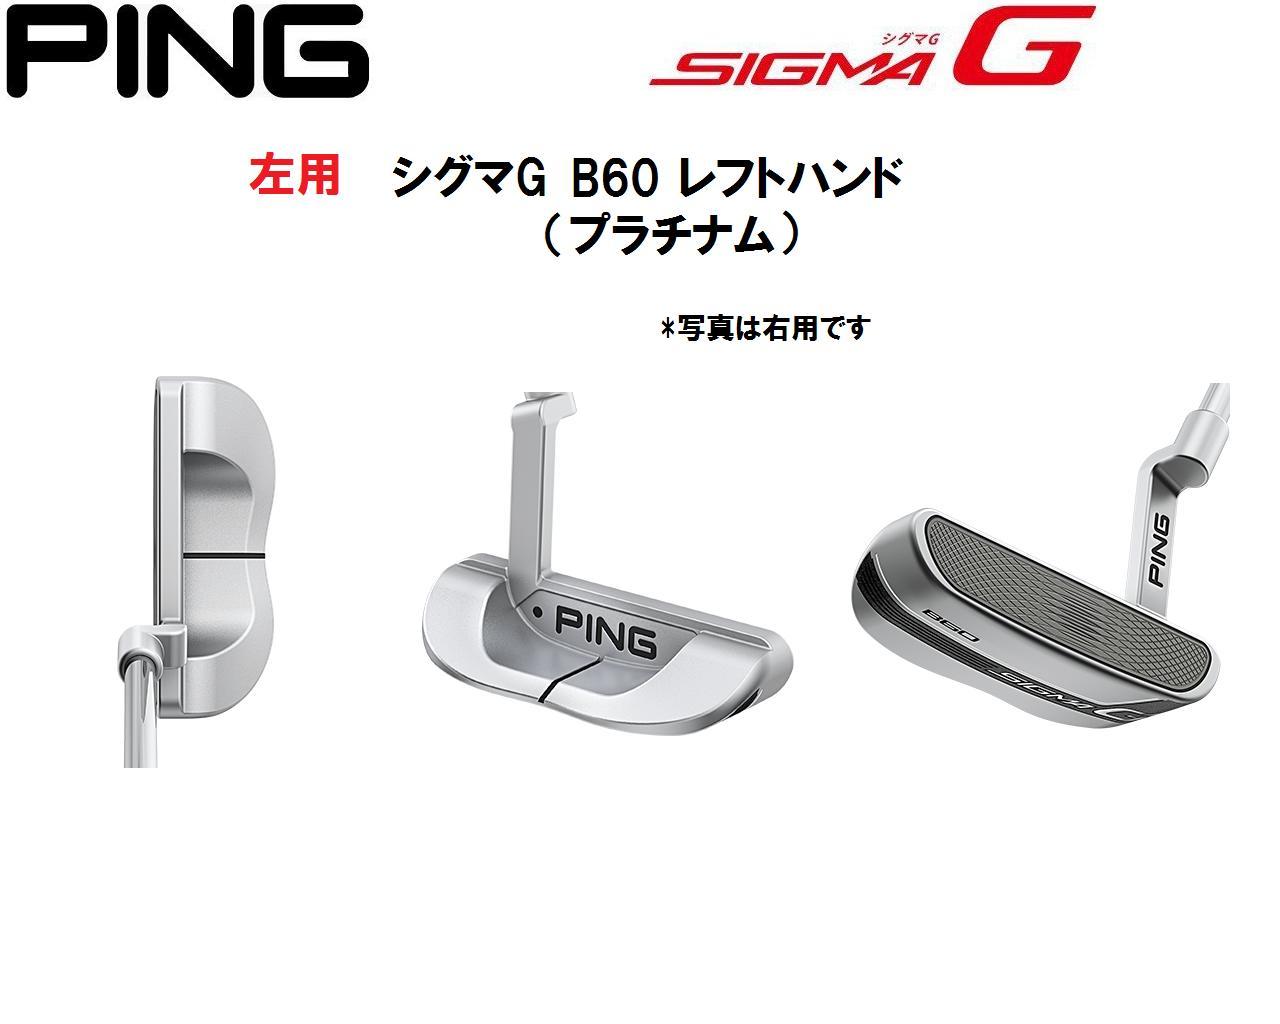 【新品左用】PING SIGMA G B60 PUTTER (左用) ピン シグマG B60 プラチナム仕上げ 左用パター (シャフト固定式) PP60 グリップ 日本正規品 ヘッドカバー付き